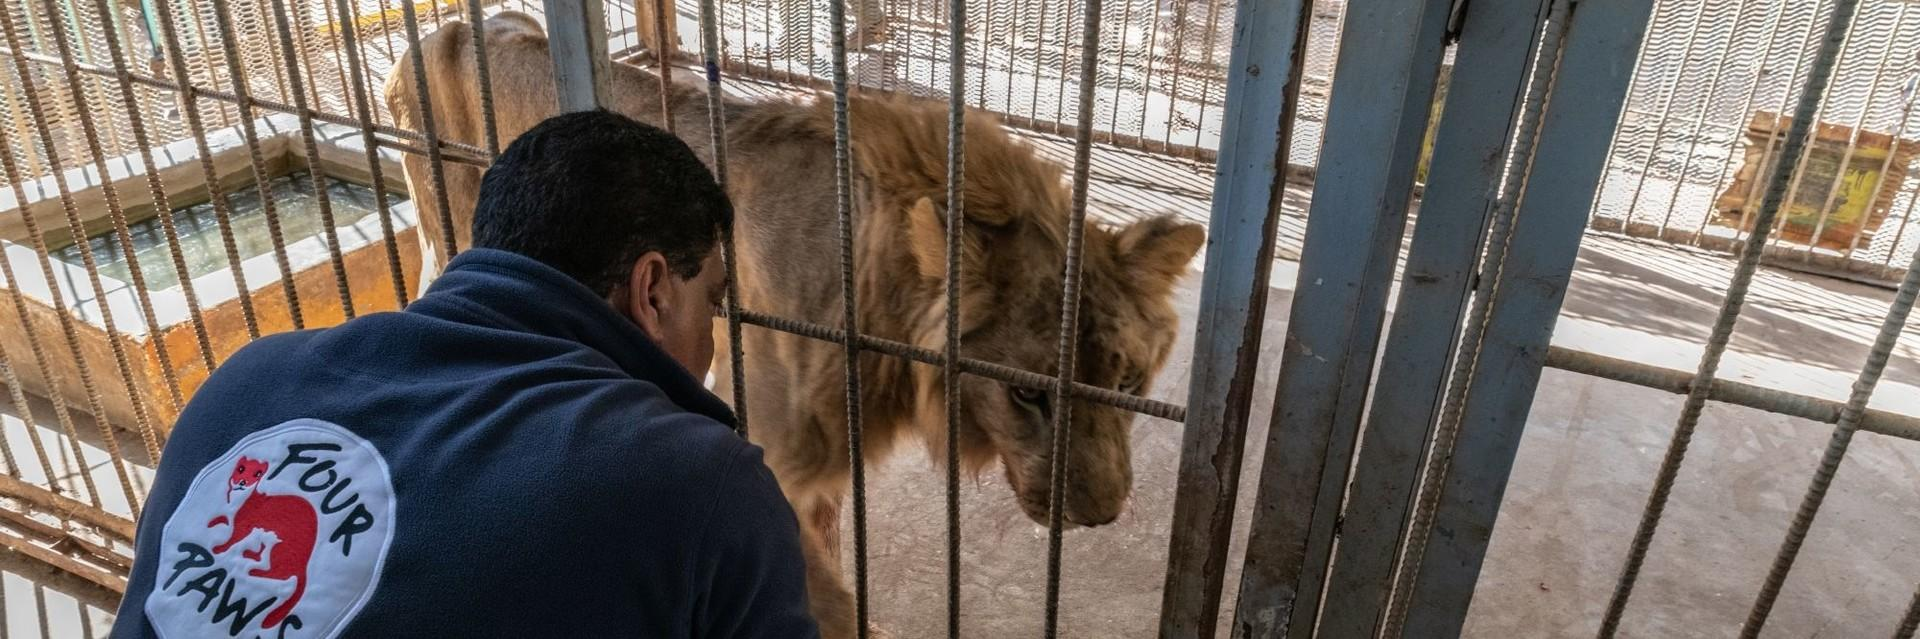 Löwe im Käfig wird begutachtet